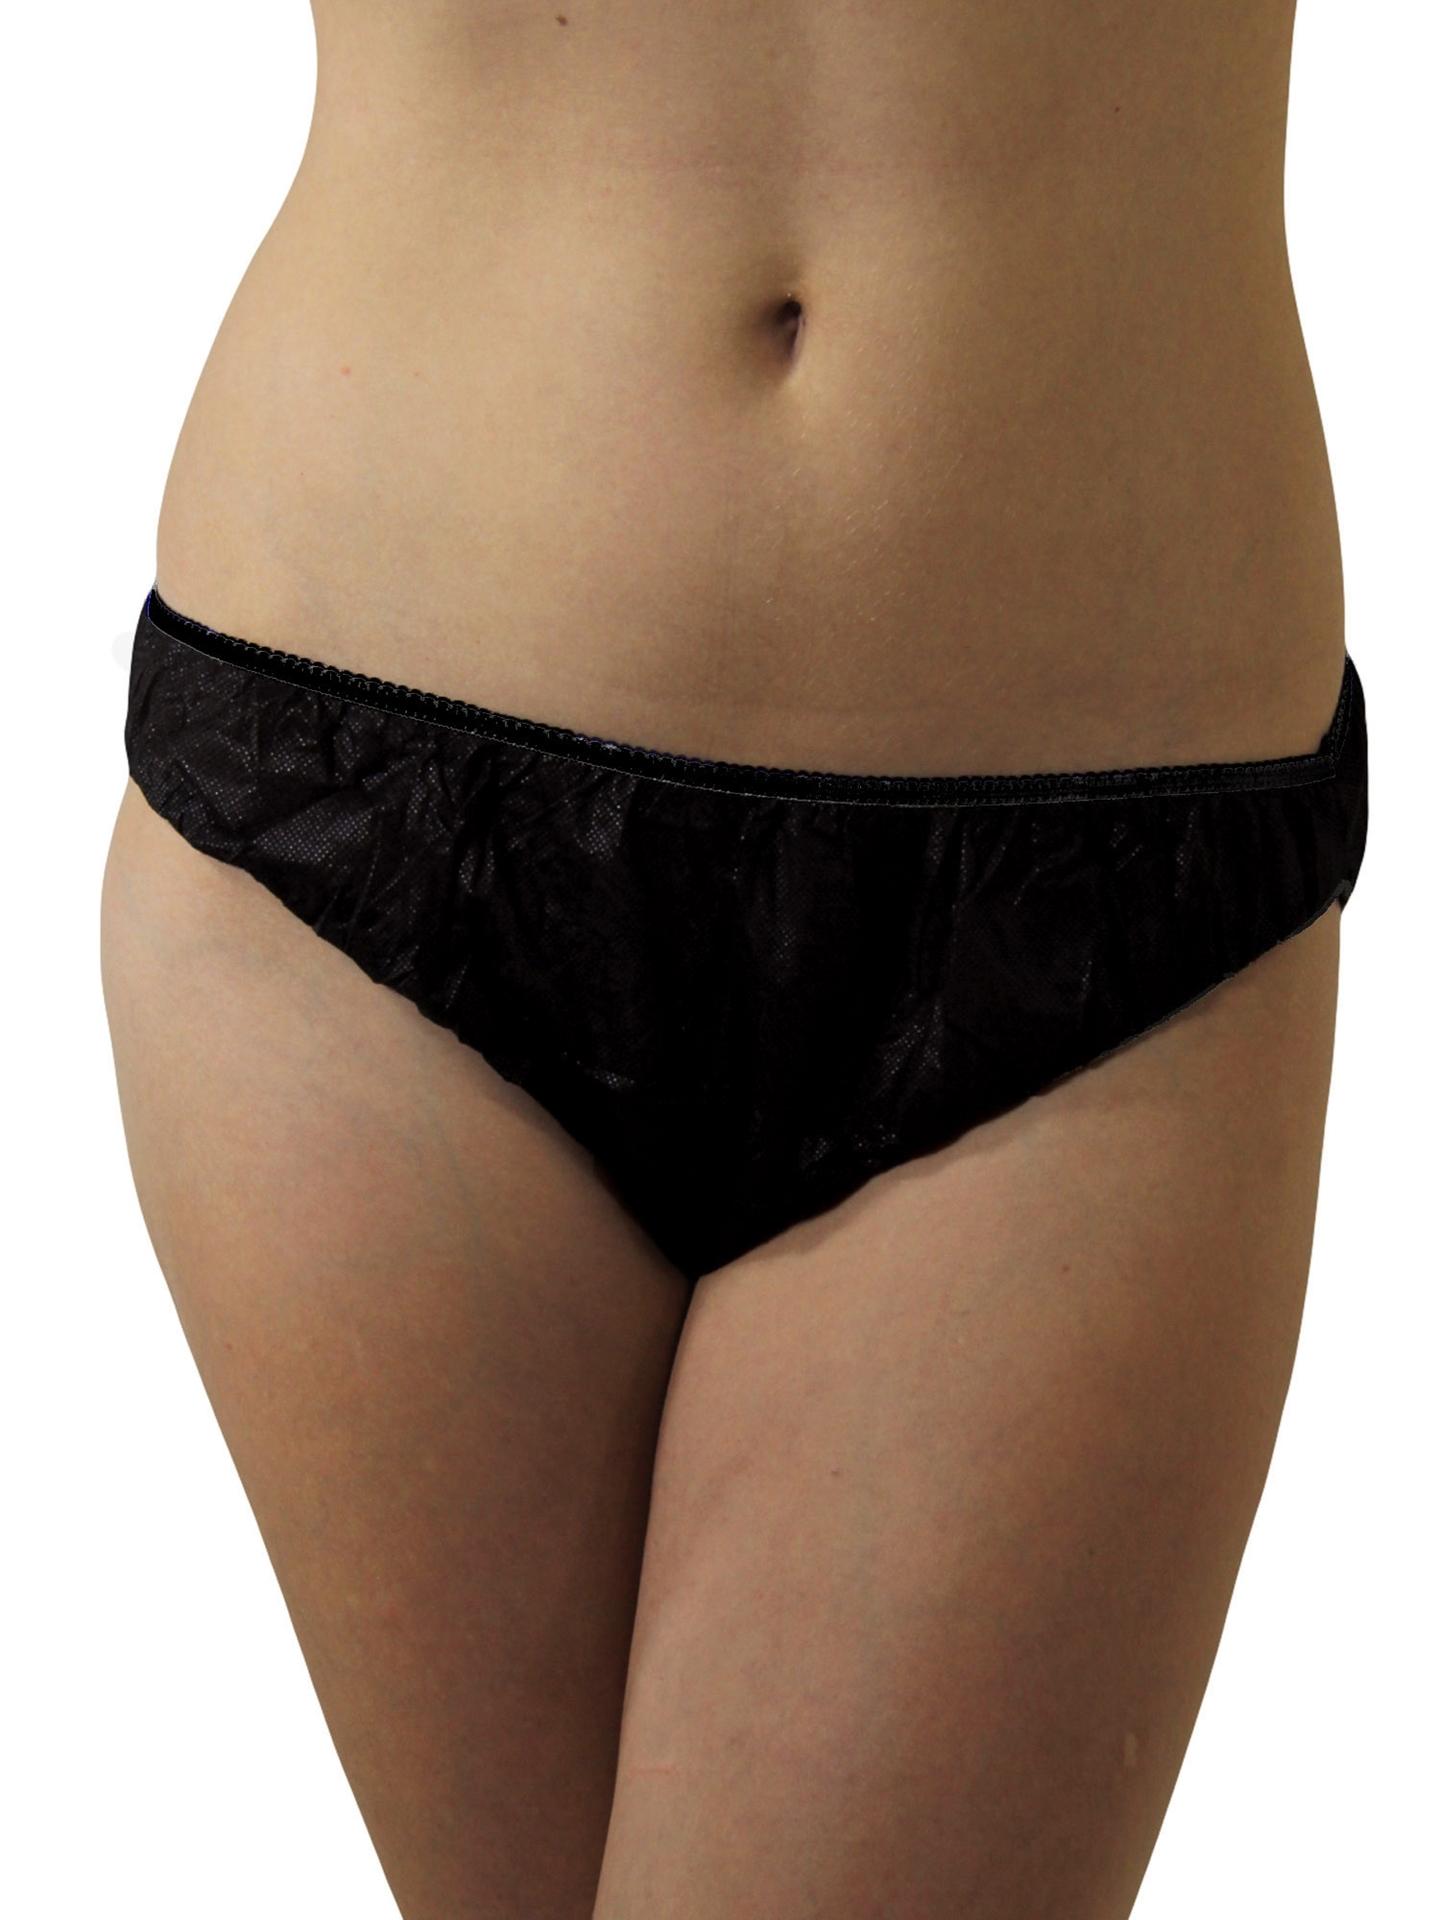 Underworks Health Disposable Underwear: Travel, Hospital, Spa